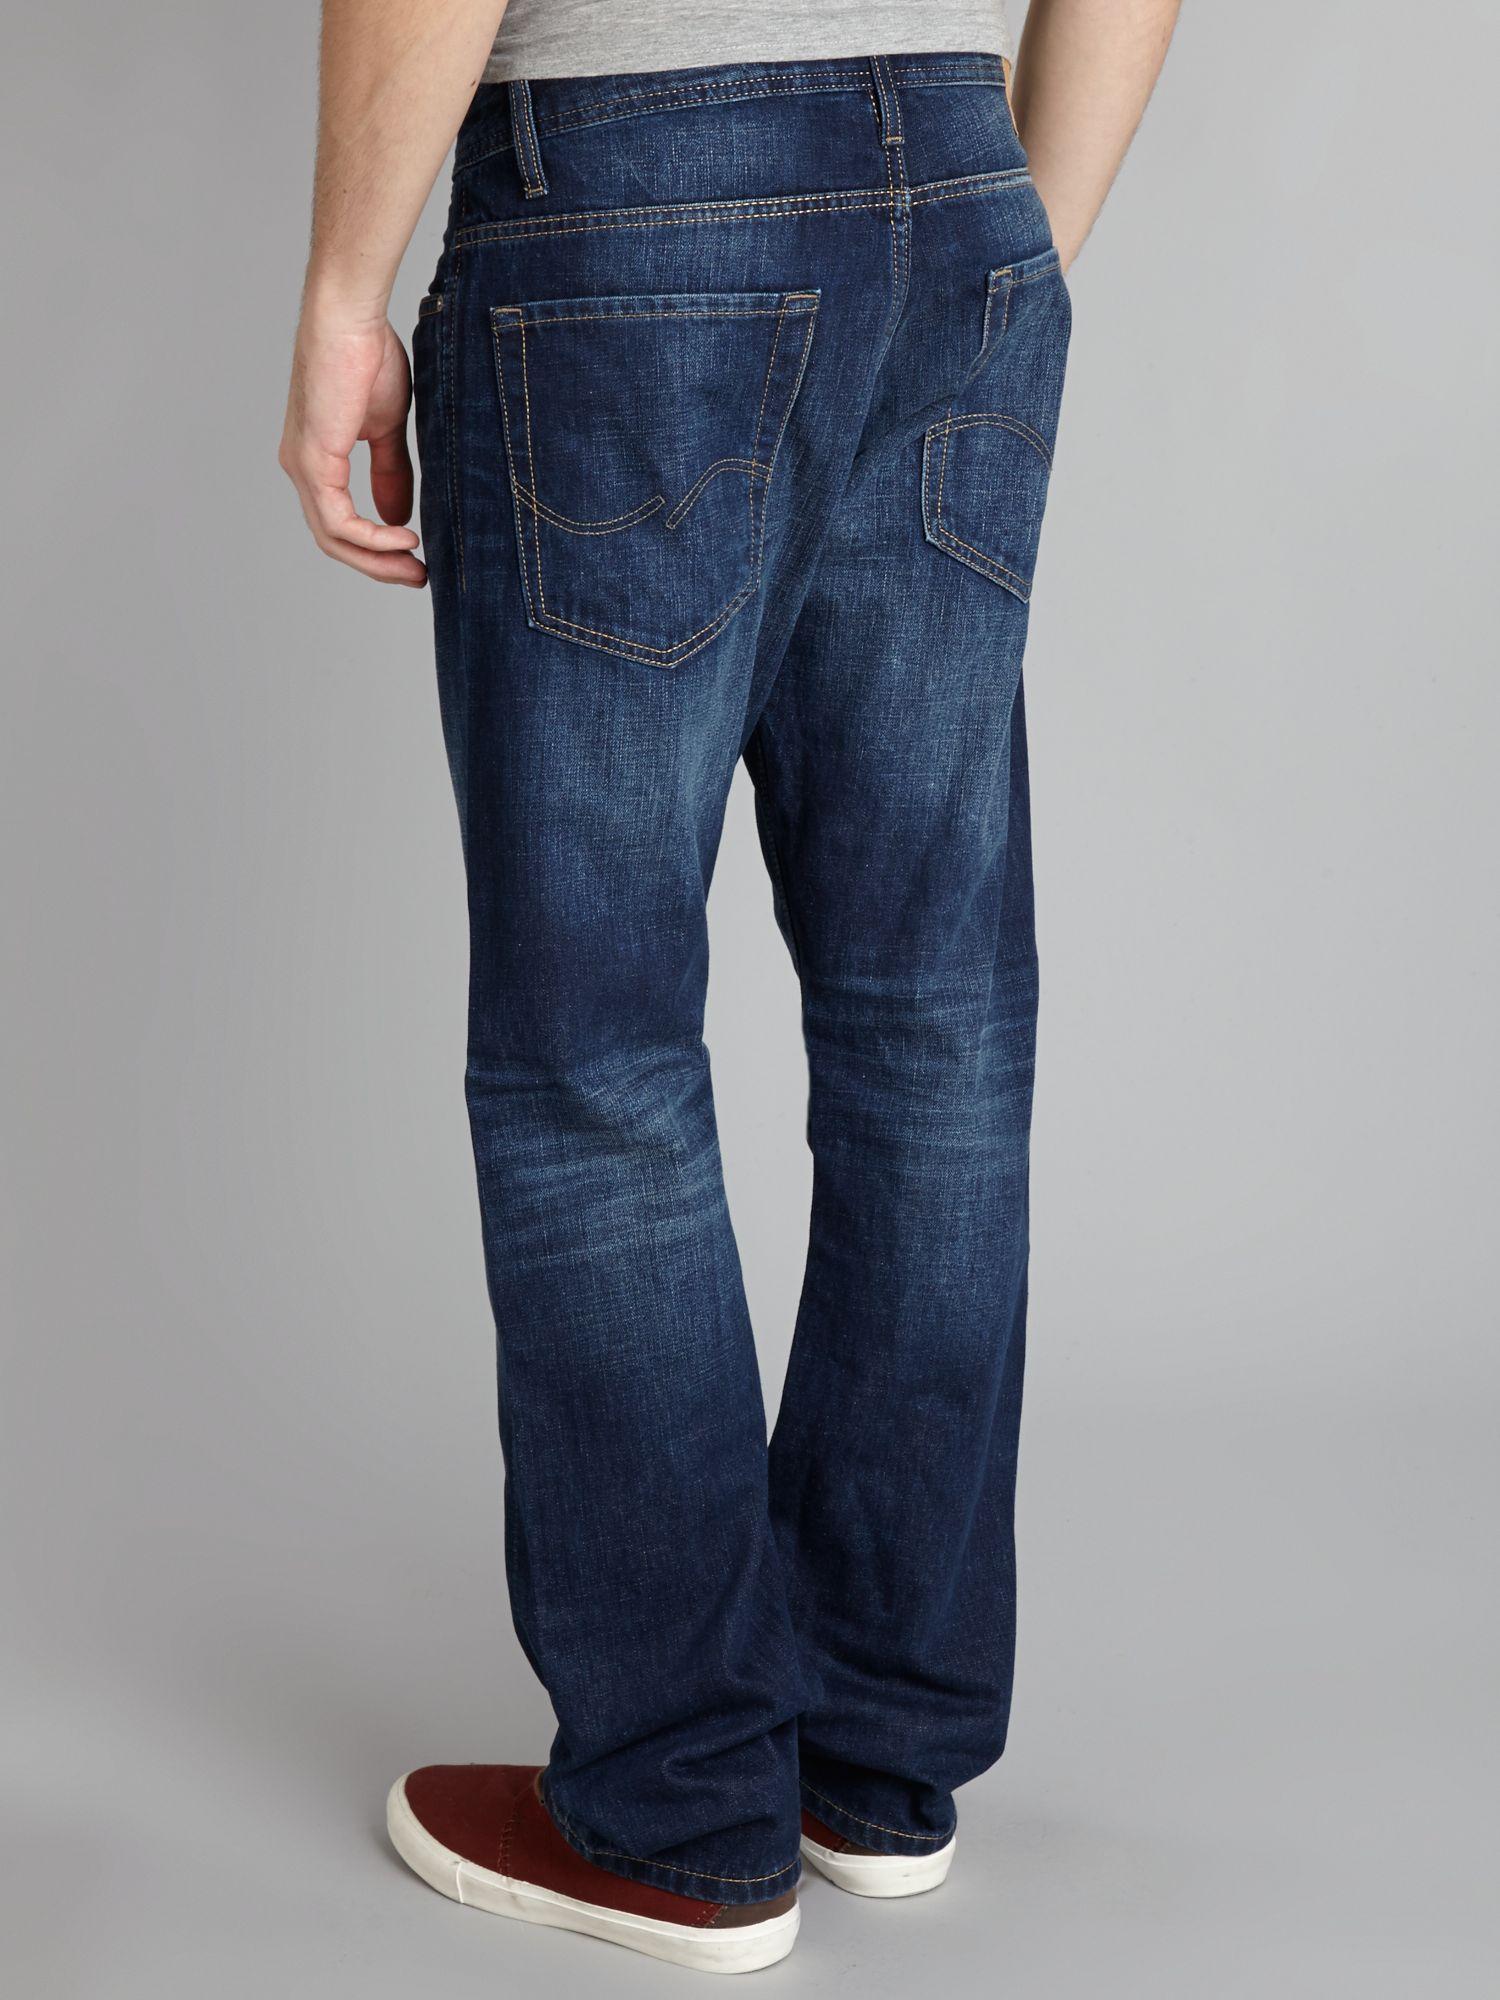 jack jones clark original 529 regular fit jeans in blue for men. Black Bedroom Furniture Sets. Home Design Ideas